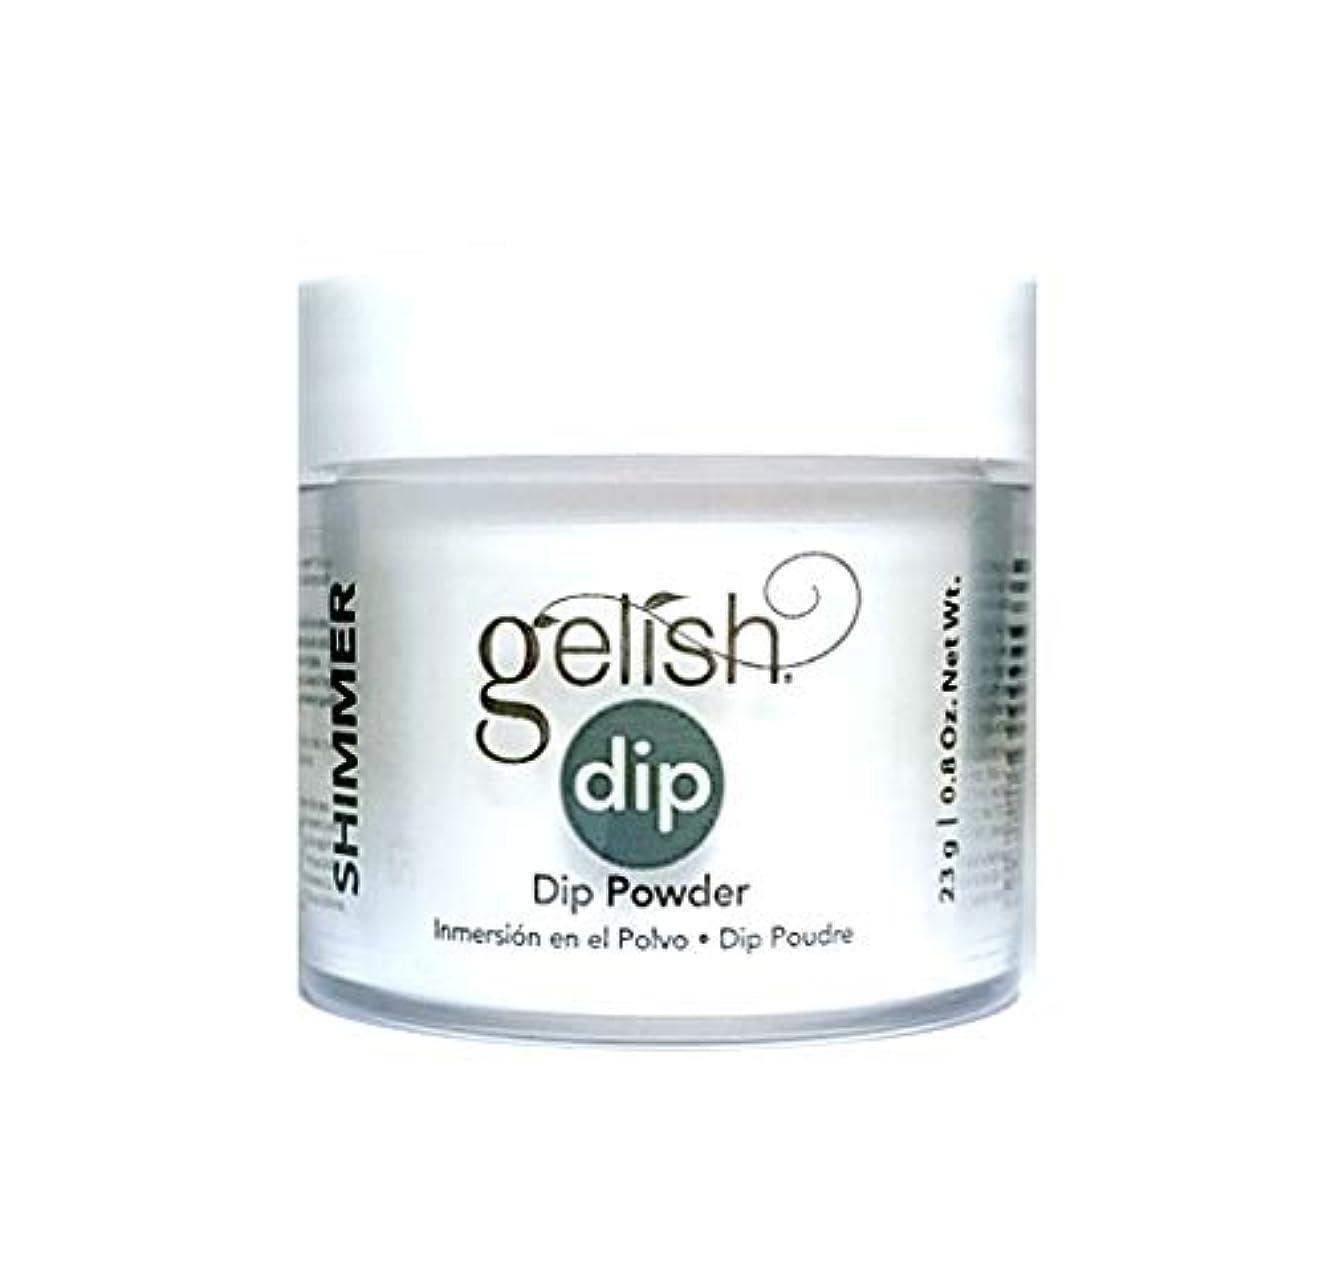 肌寒いフェード性別Harmony Gelish - Dip Powder - Izzy Wizzy, Let's Get Busy - 23g / 0.8oz